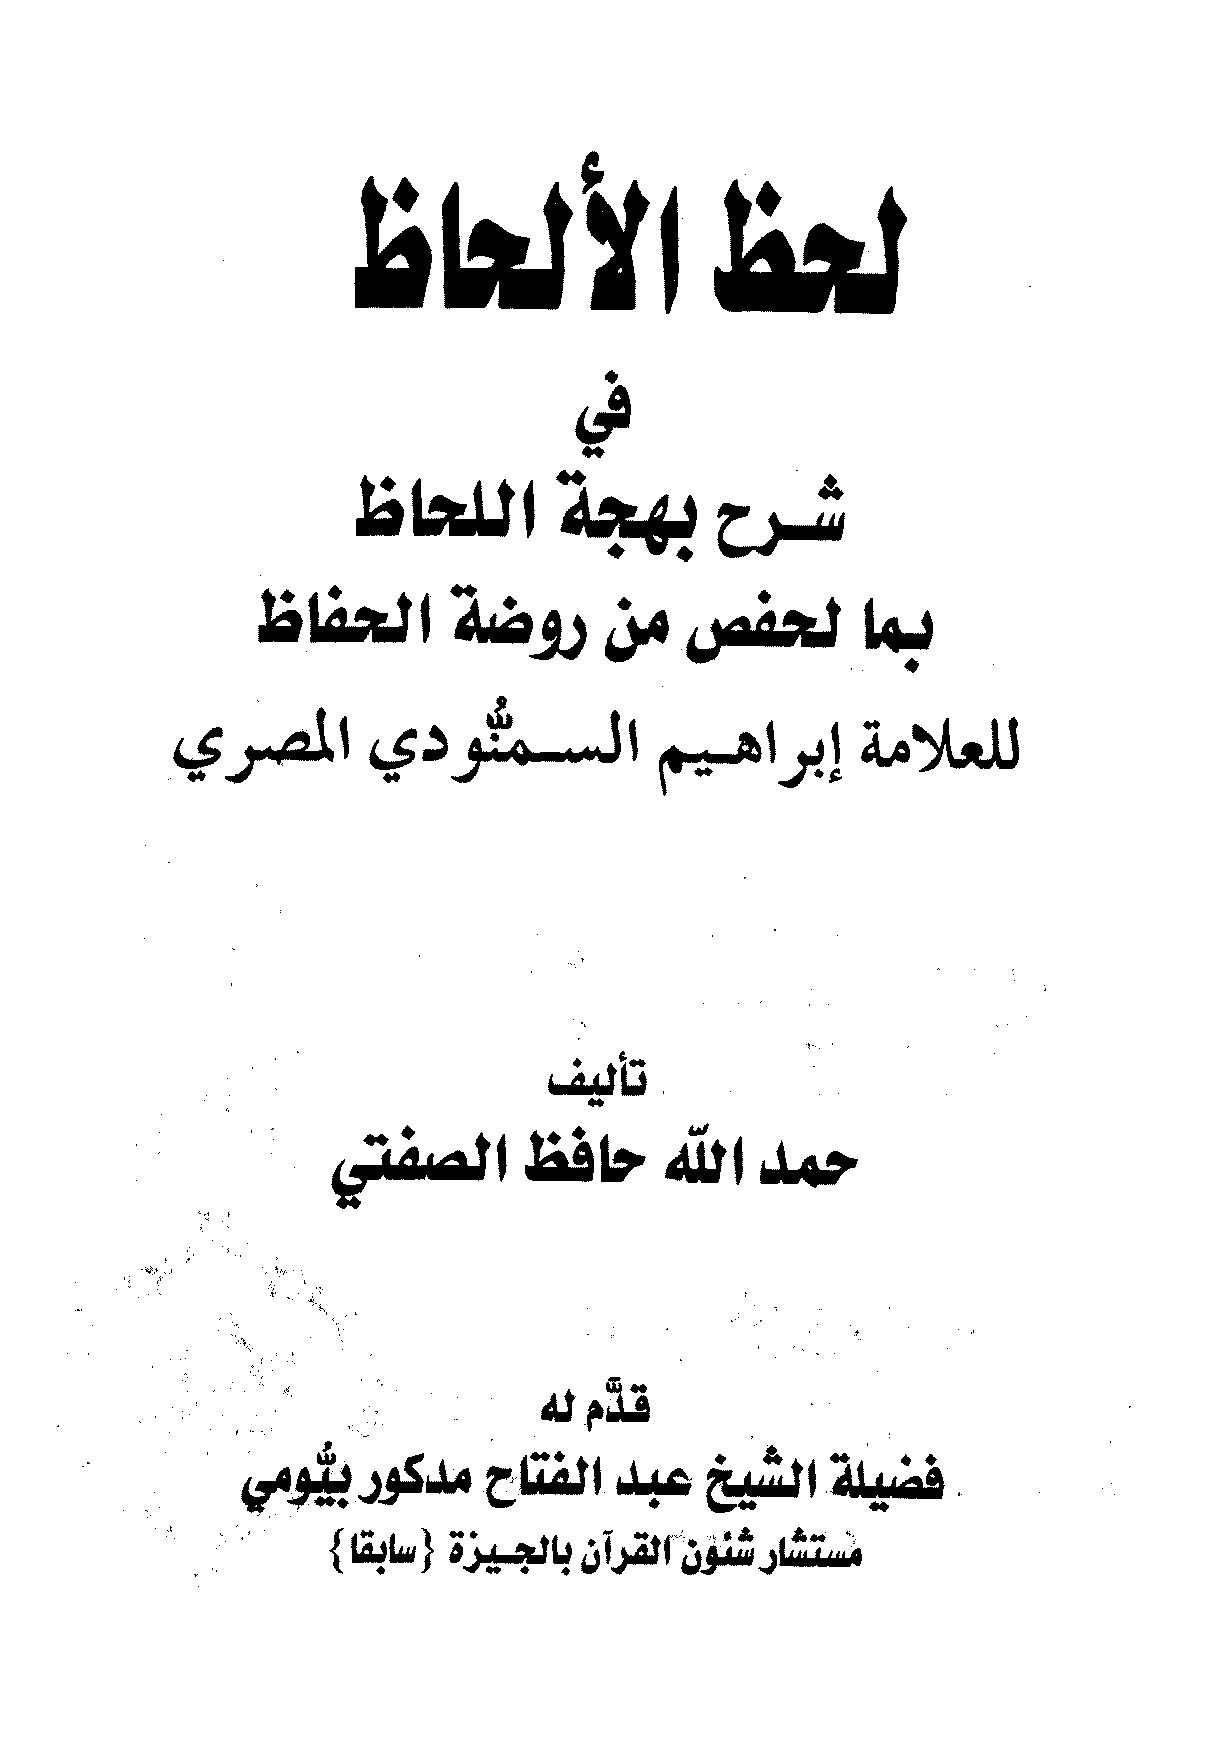 تحميل كتاب لحظ الألحاظ في شرح بهجة اللحاظ بما لحفص من روضة الحفاظ لـِ: حمد الله حافظ الصفتي